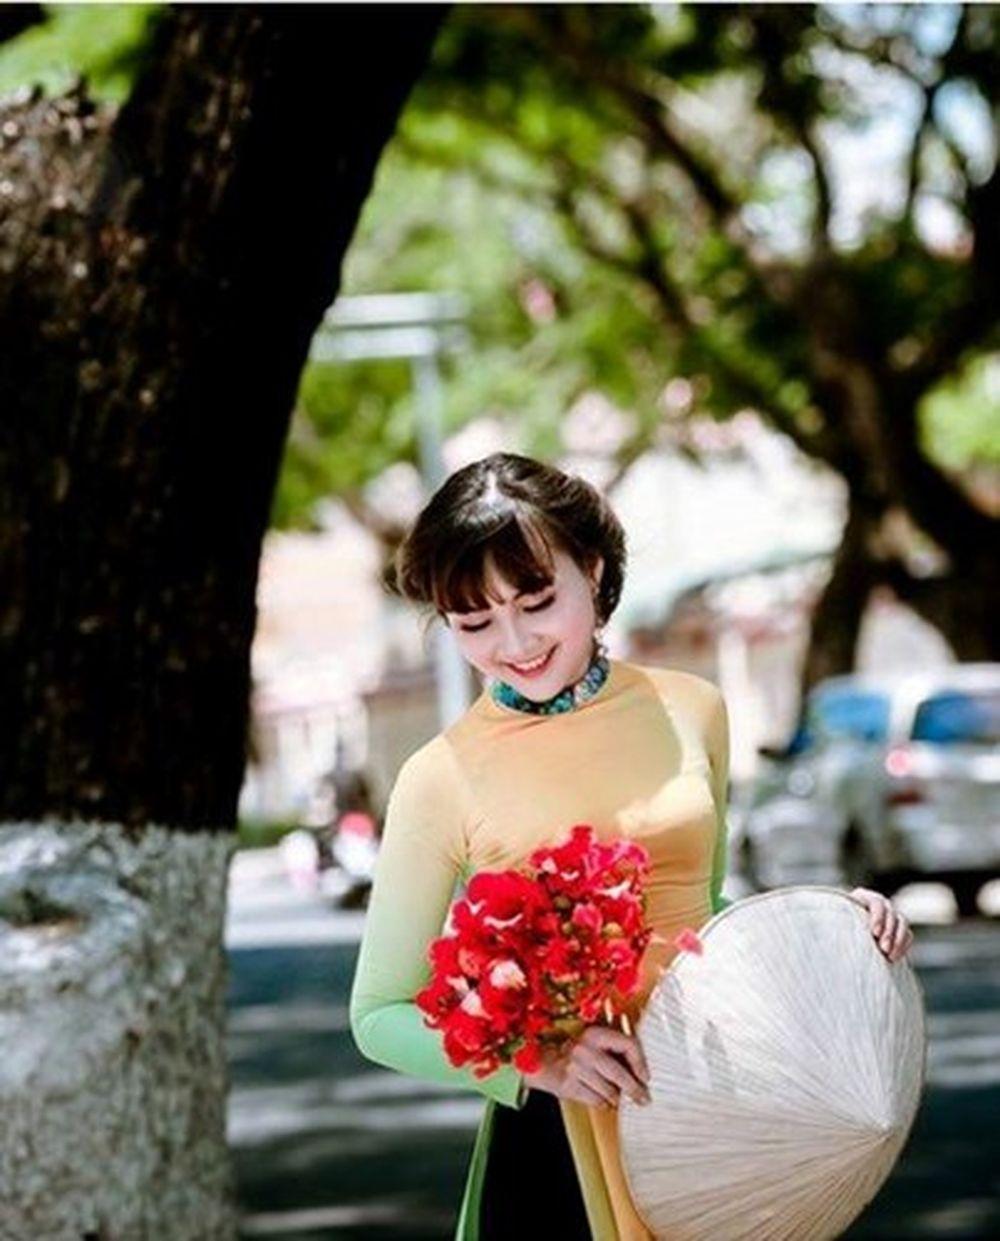 """Nhờ những hình ảnh đẹp này mà chị Thu Hà được đặt cho biệt danh """"thiếu nữ 36  tuổi"""" hay """"hot girl U40"""". Chia sẻ về điều này, chị Thu Hà rất khiêm ..."""